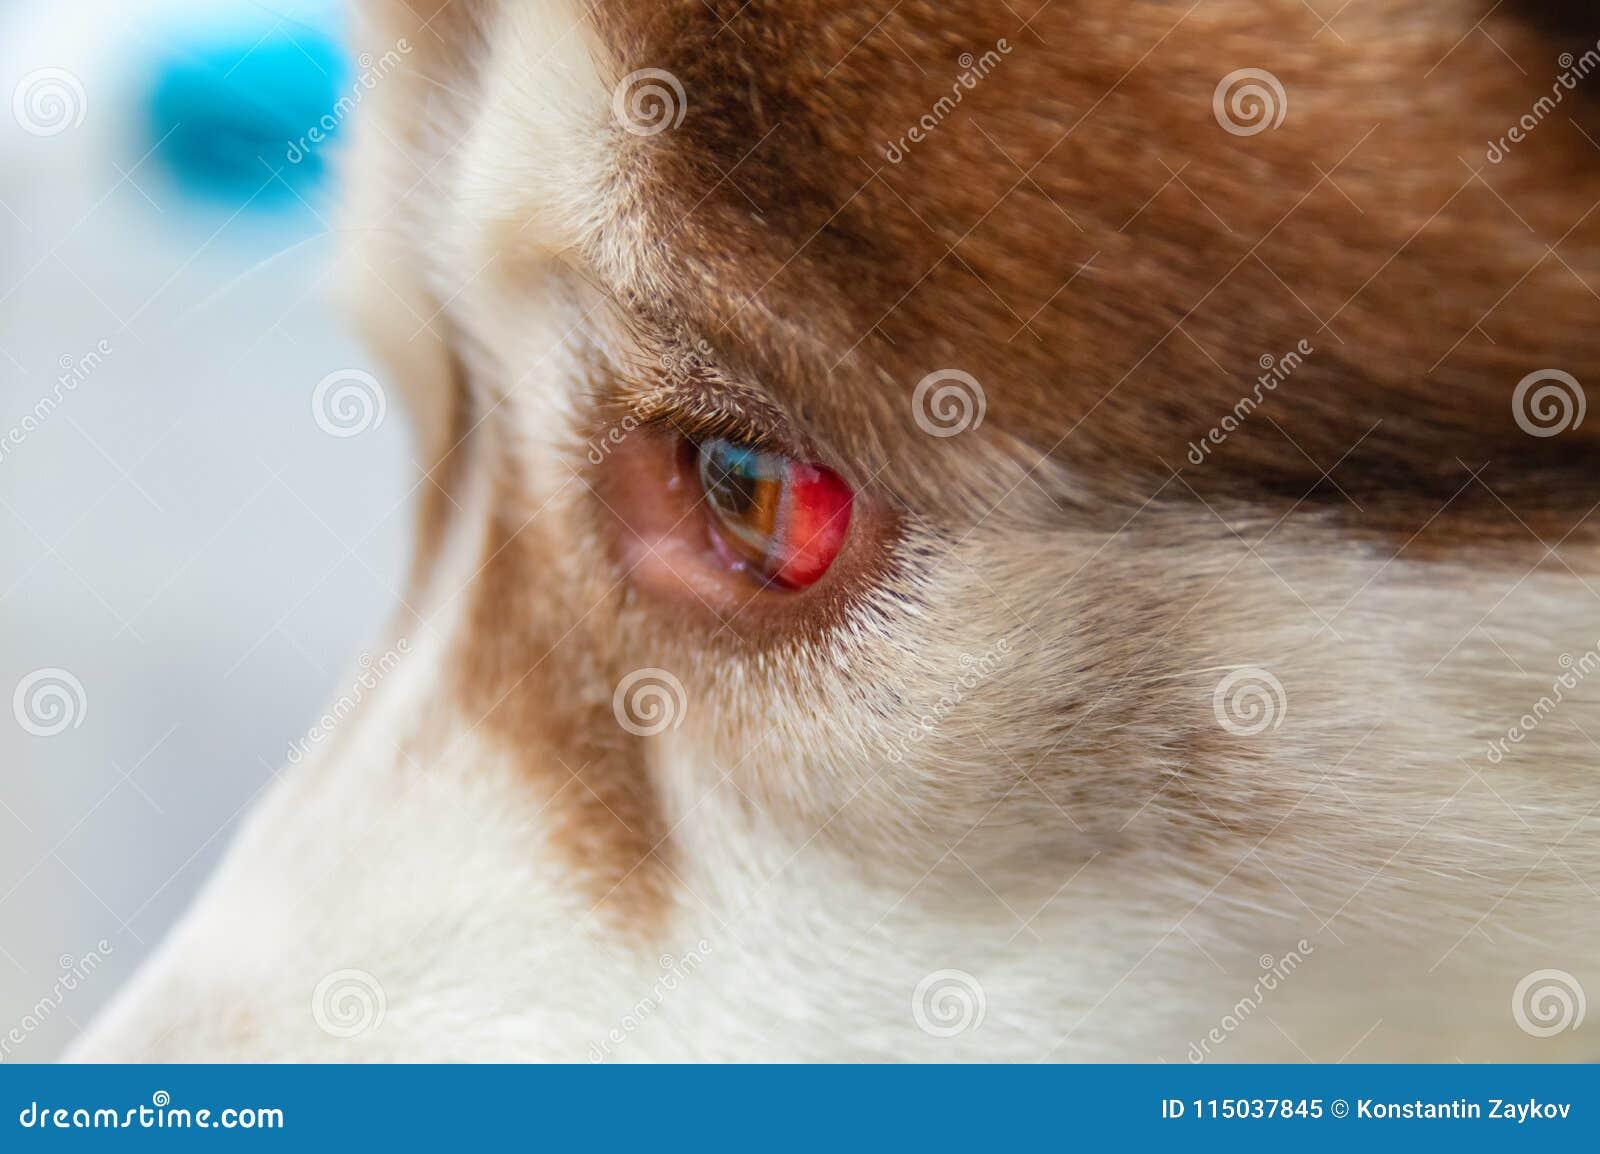 Oko pies z krwotokiem wynikający od ciosu głowa Syberyjski husky dostać pod samochodem, pourazowy uszkodzenie mózgu